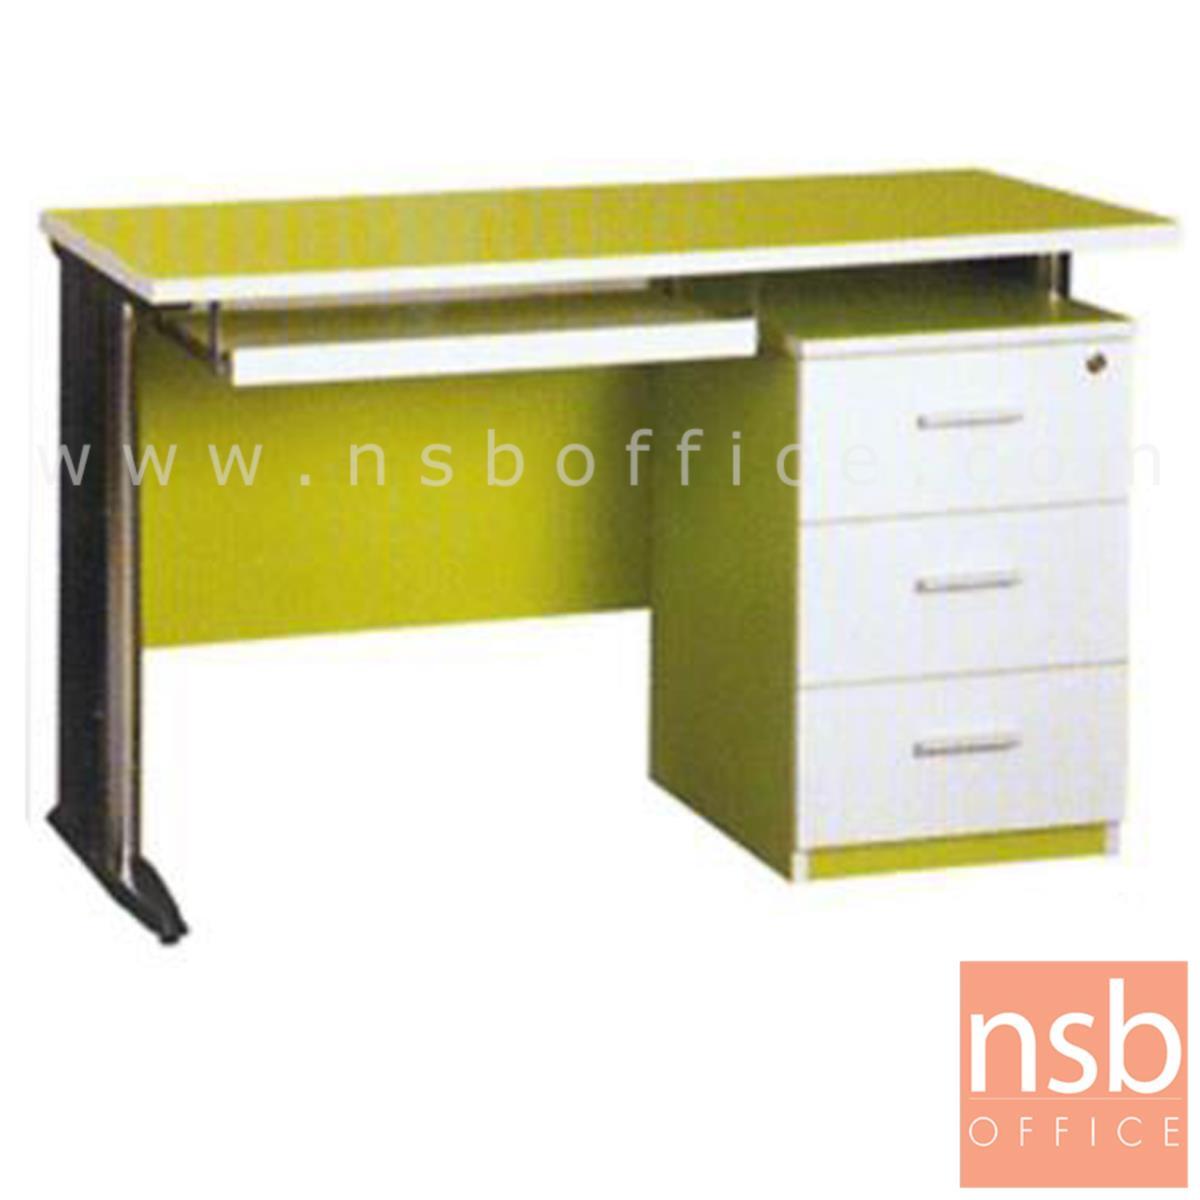 โต๊ะคอมพิวเตอร์ 3 ลิ้นชัก  ขนาด 120W ,135W ,150W ,180W cm. (*75D, 80D) ขาเหล็ก